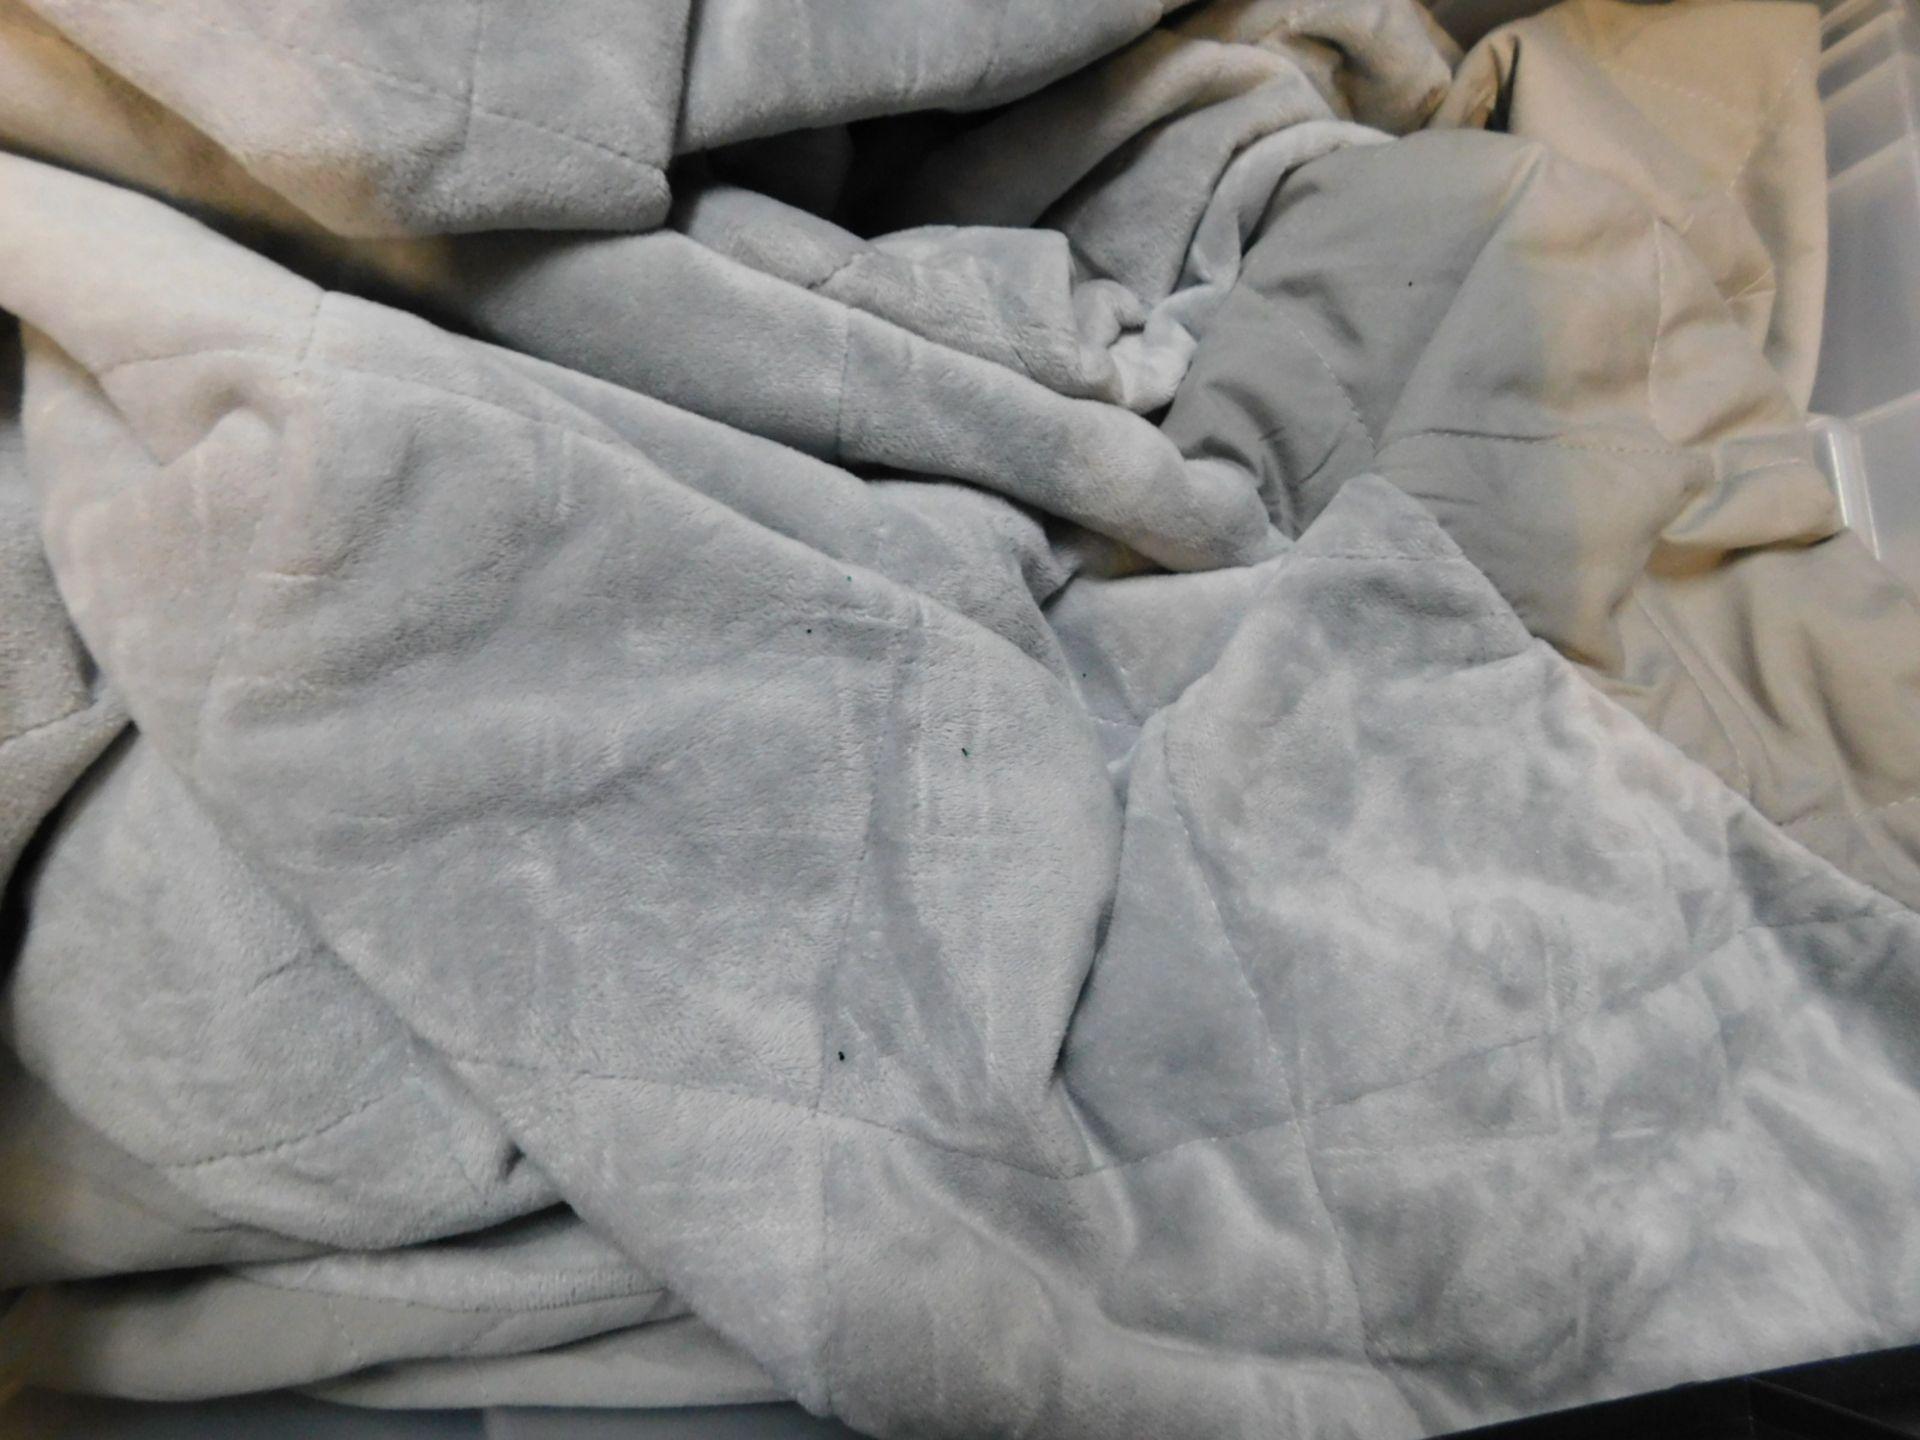 """1 SLEEP PHILOSOPHY REVERSIBLE GREY WEIGHTED BLANKET (48"""" X 72"""") RRP £79.99"""